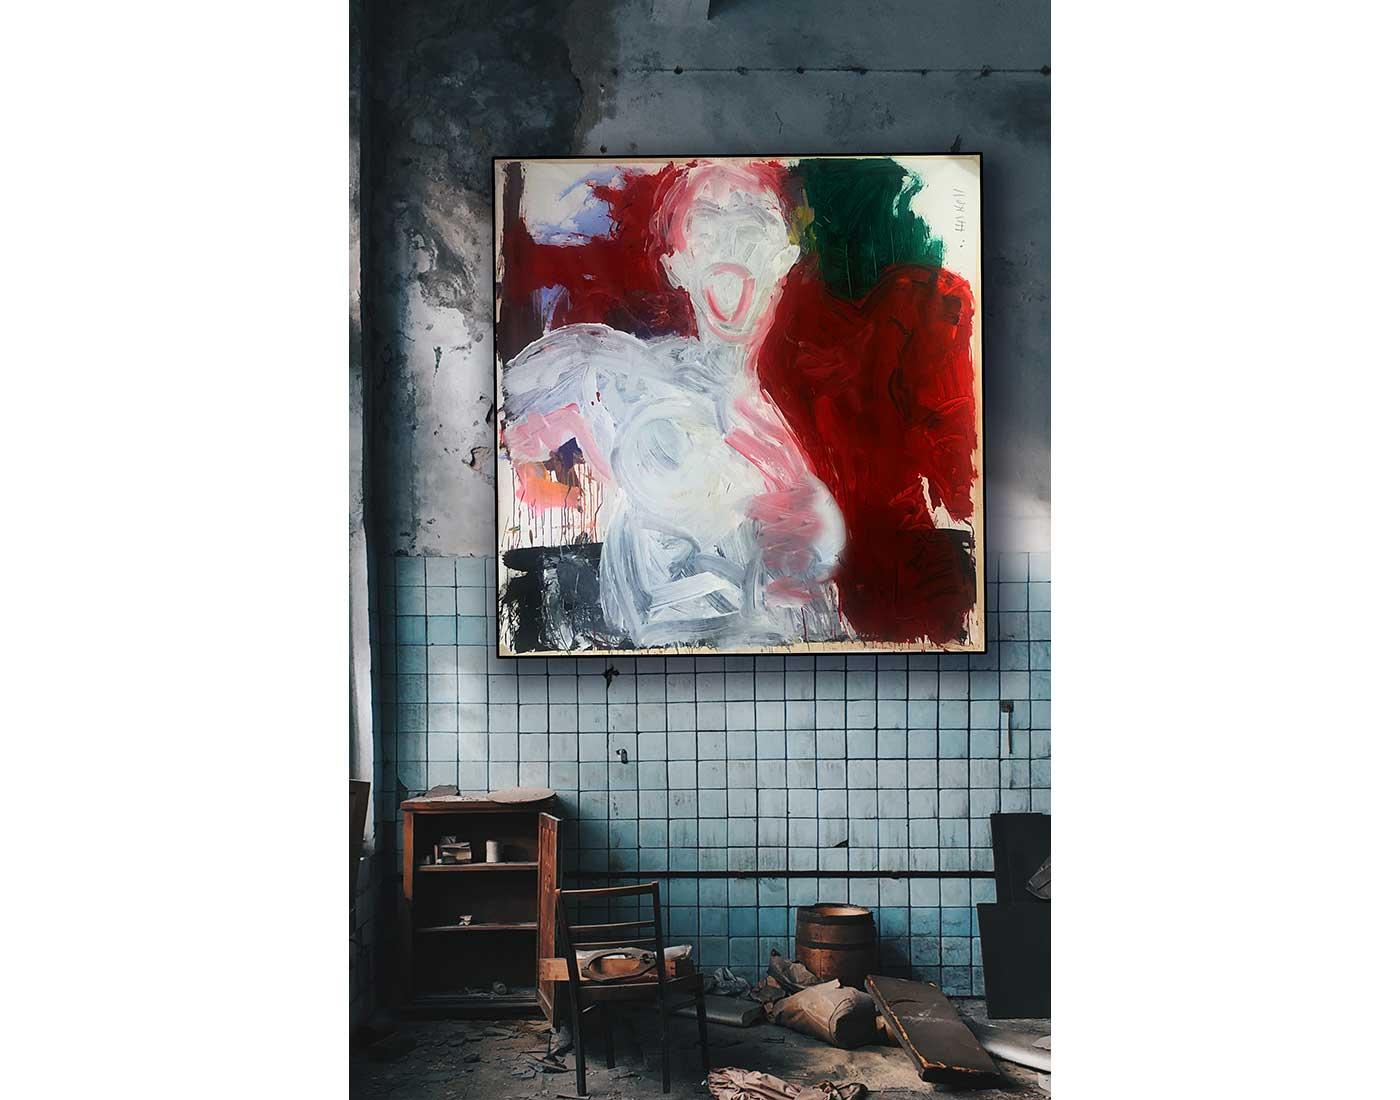 mongi-higgs-artist-painter-kuenstler-maler-manUp-wall